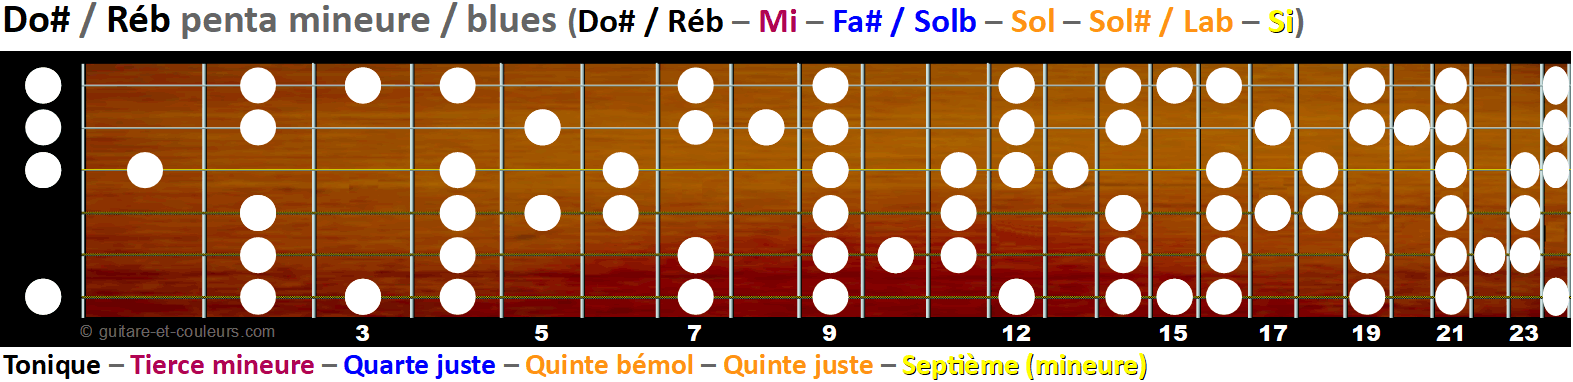 La gamme pentatonique mineure et blues sur le manche - Tonalité C#